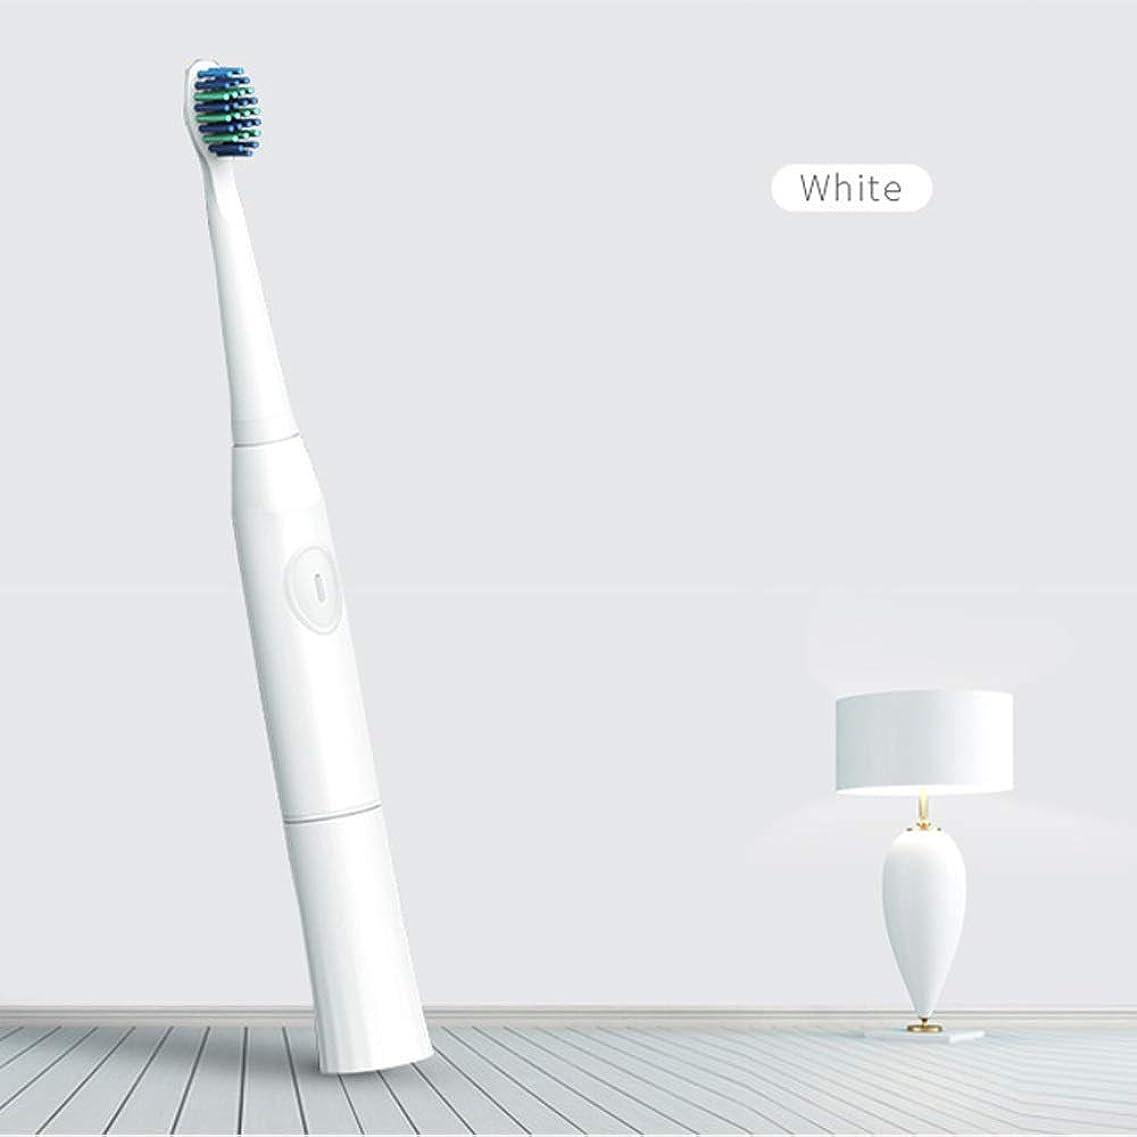 構造的逆ピーブBeTyd 2つの取り替えのブラシヘッド電池が付いている電動歯ブラシ口頭衛生ブラシの音波歯ブラシ (Color : White)